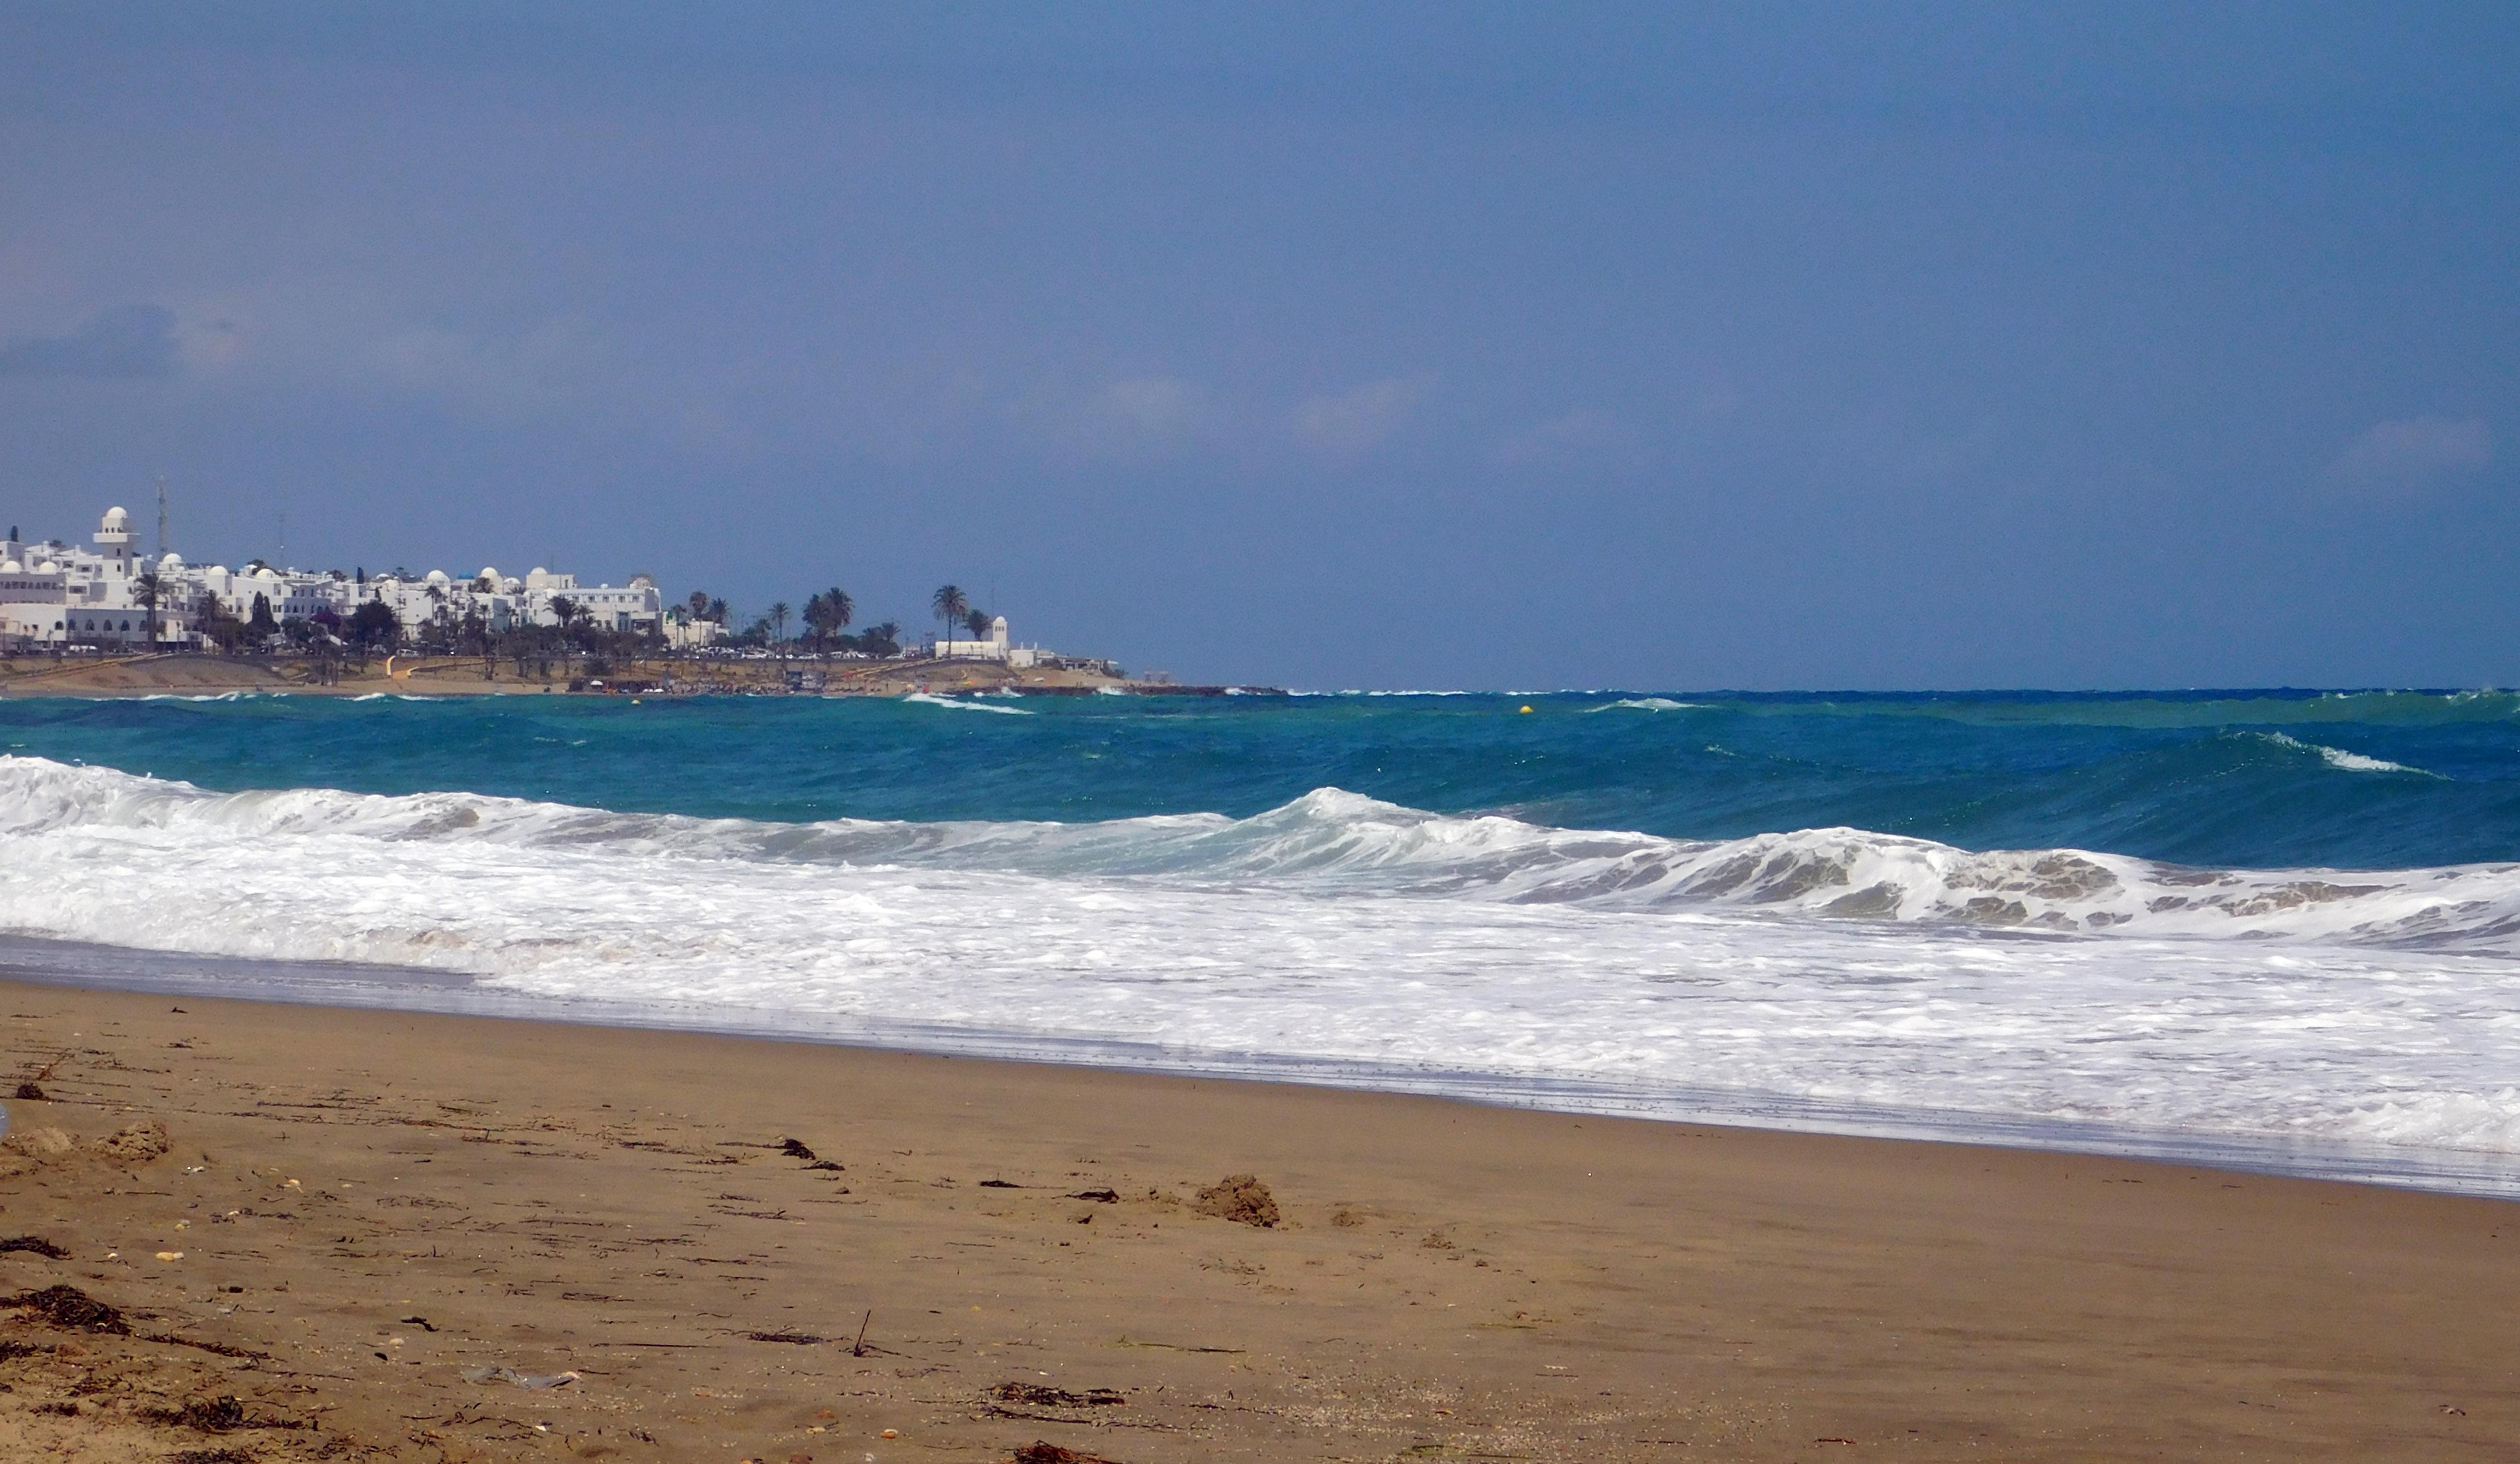 Plaża w Mojácar Źródło: zbiór własny autora